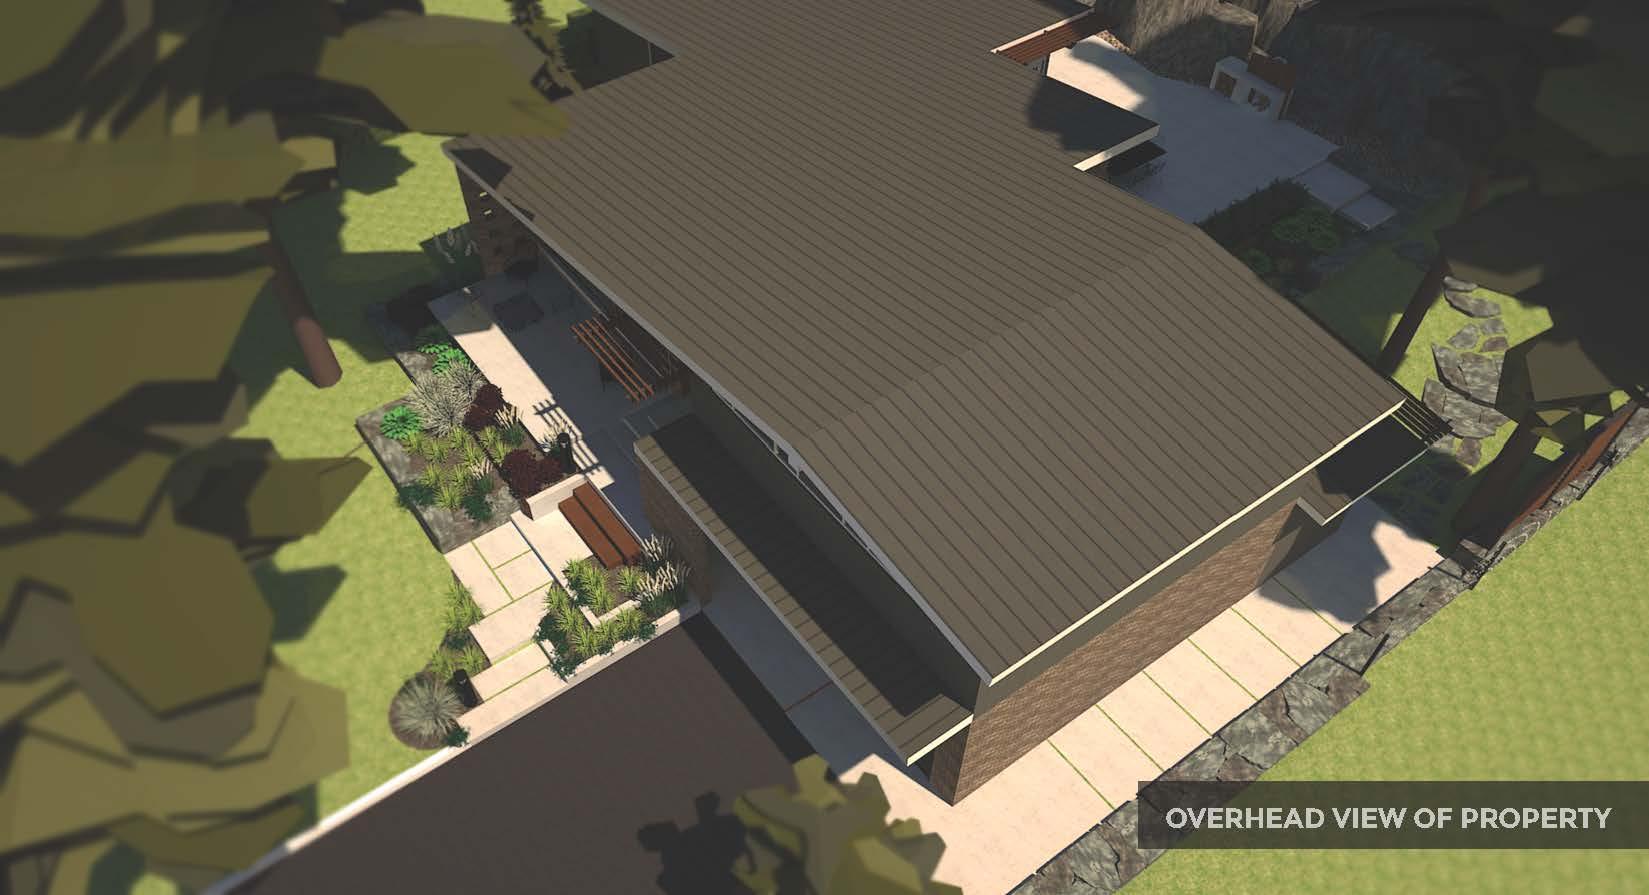 ResidentialOverview_Concept Plan_Mid century_Landscape Architecture_Landscape Design.jpg